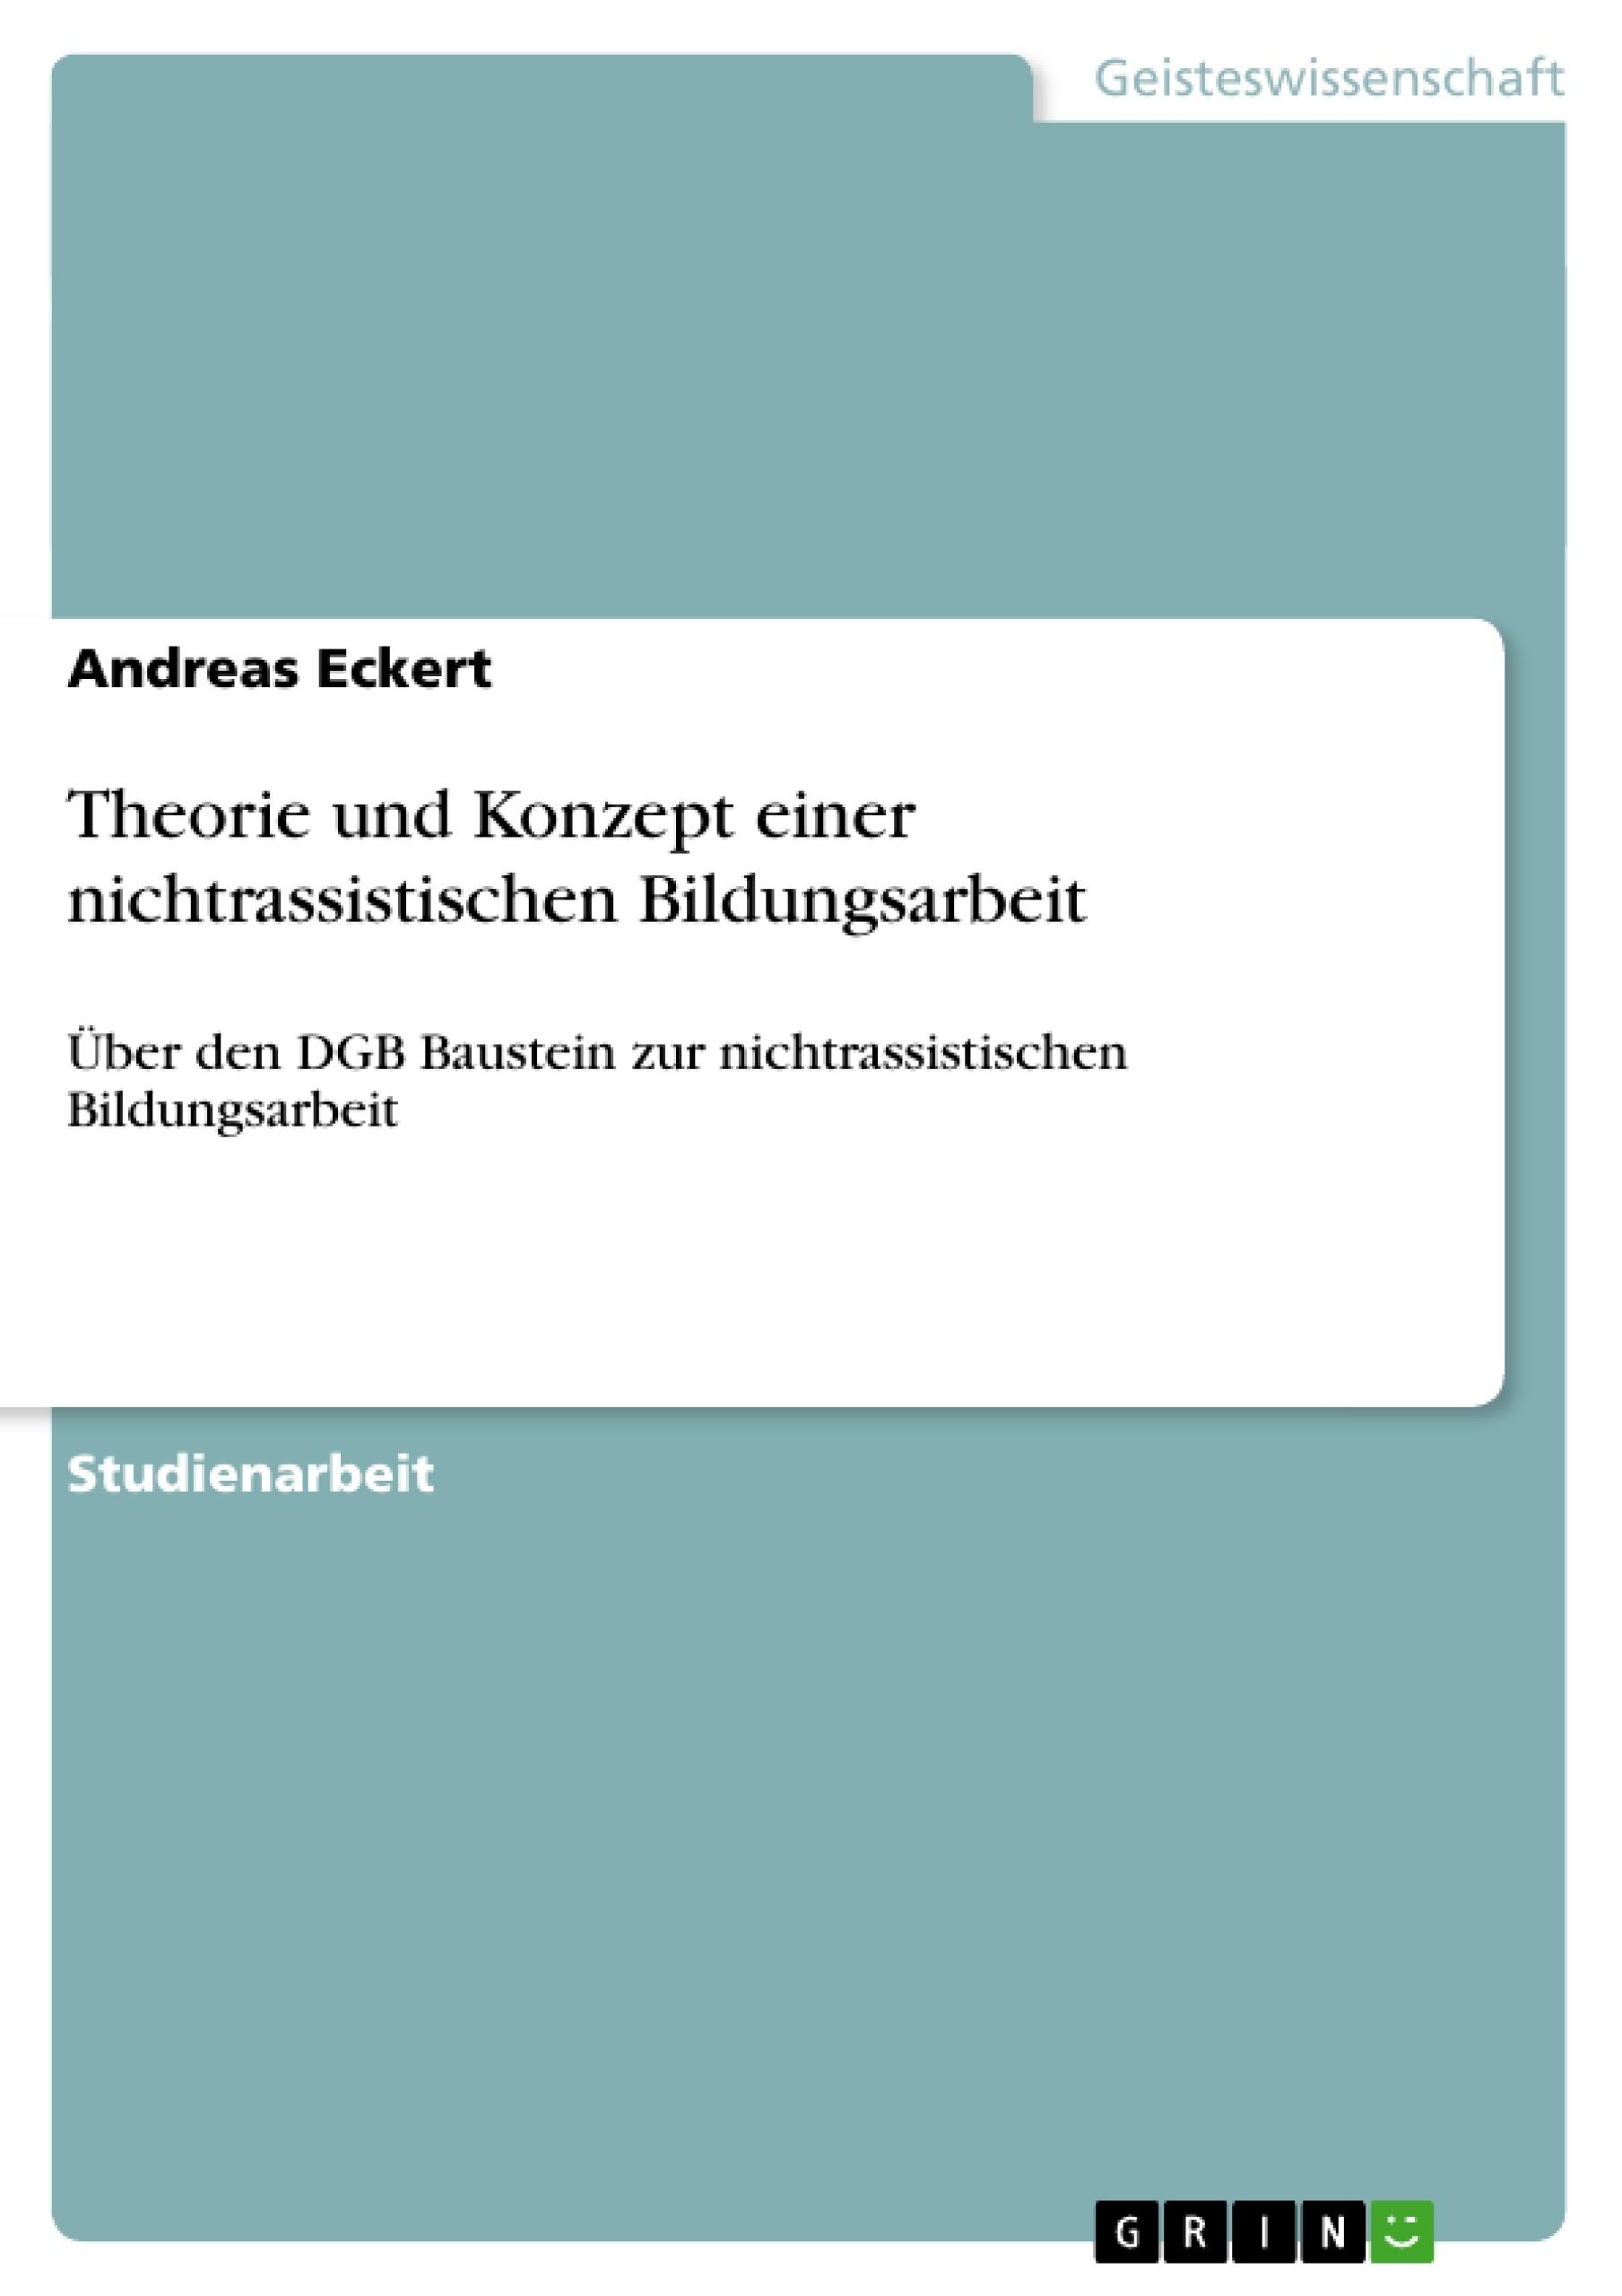 Titel: Theorie und Konzept einer nichtrassistischen Bildungsarbeit